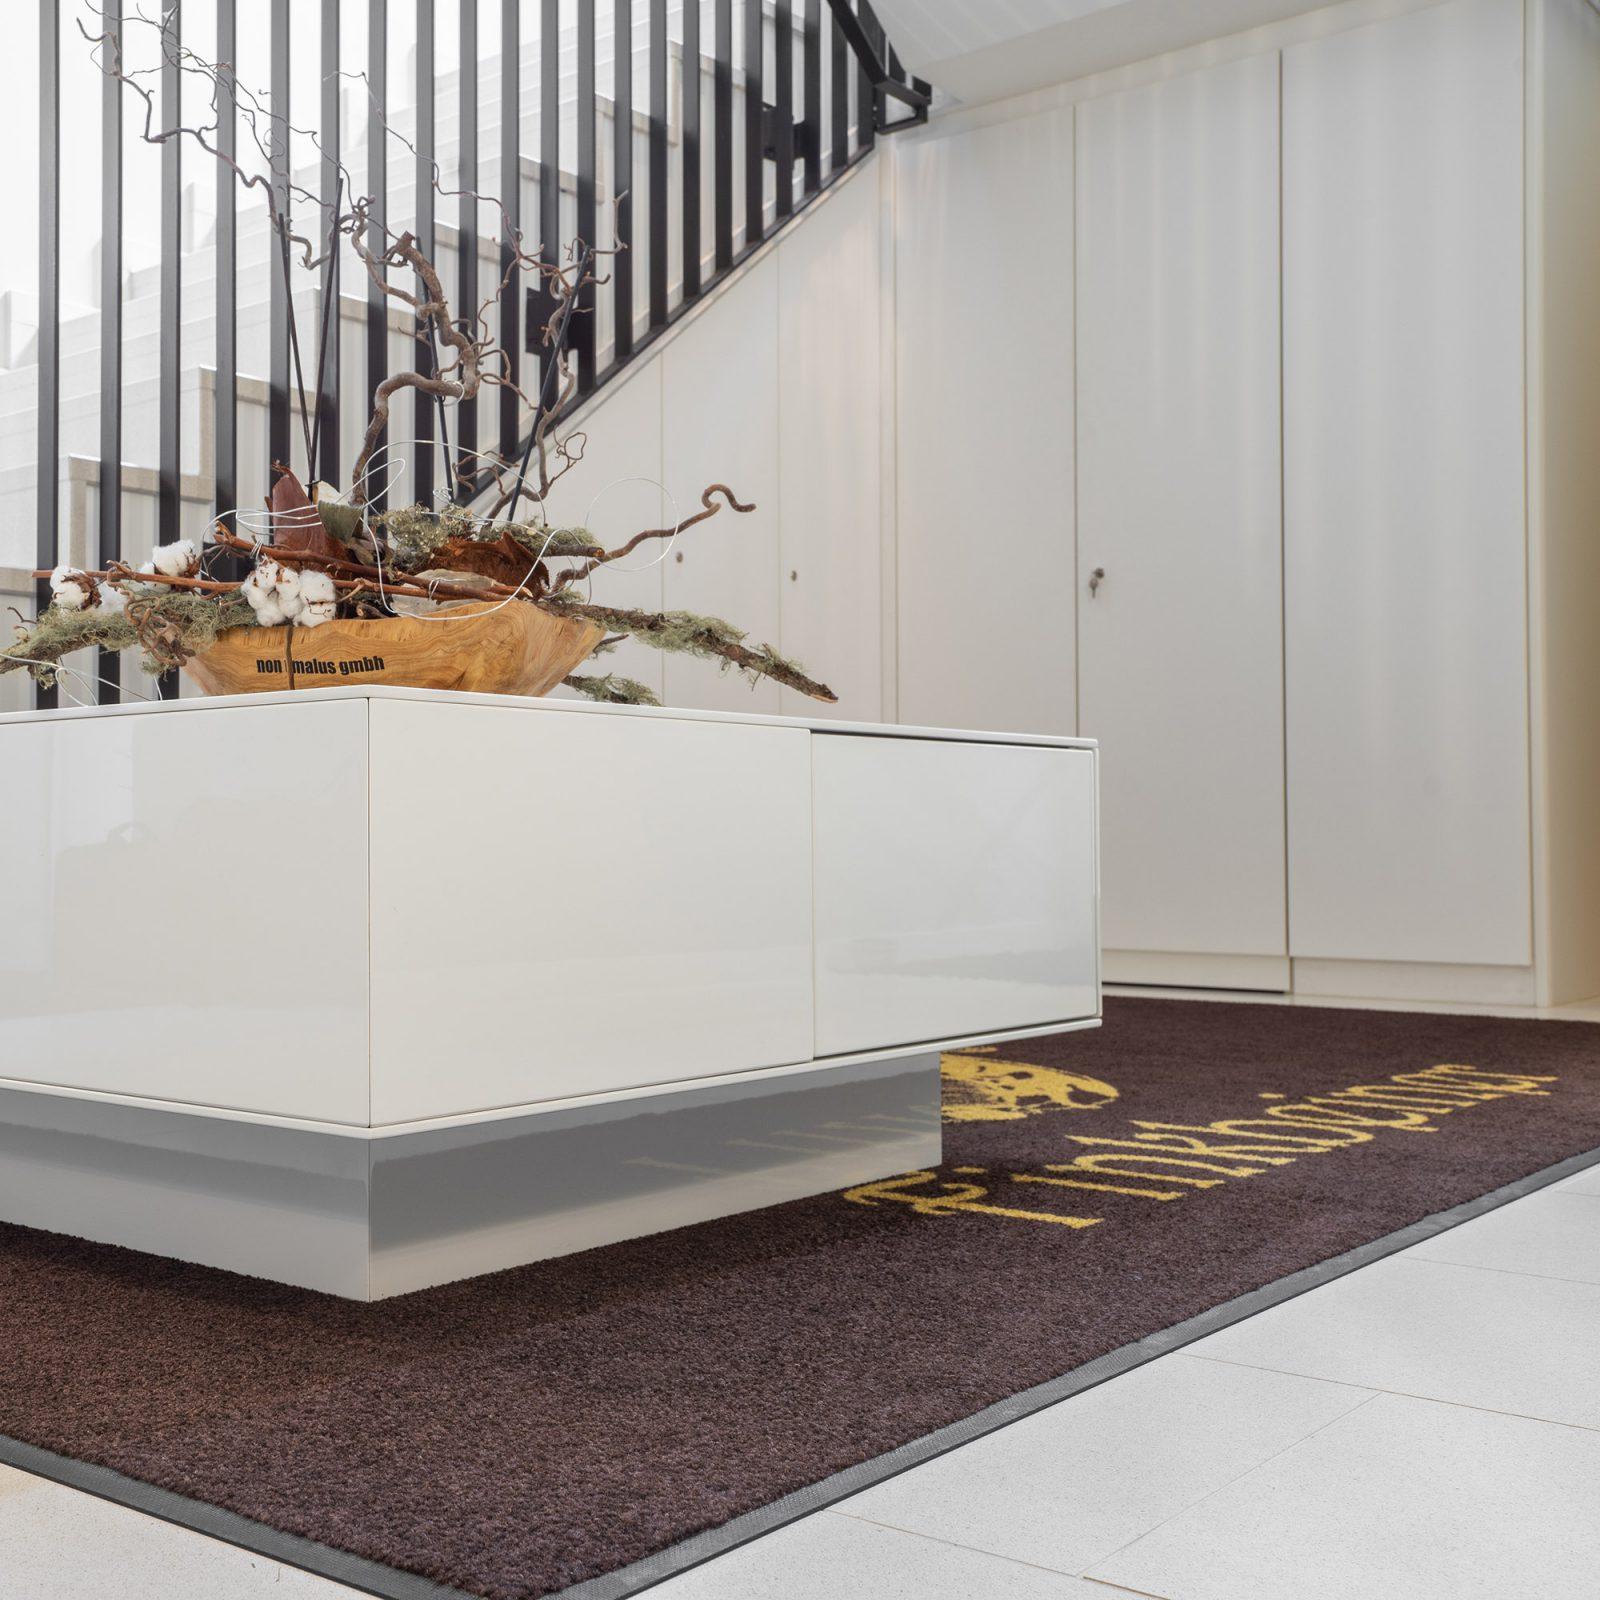 individueller Schrank im Treppenhaus unter dem Treppenaufgang eingepasst